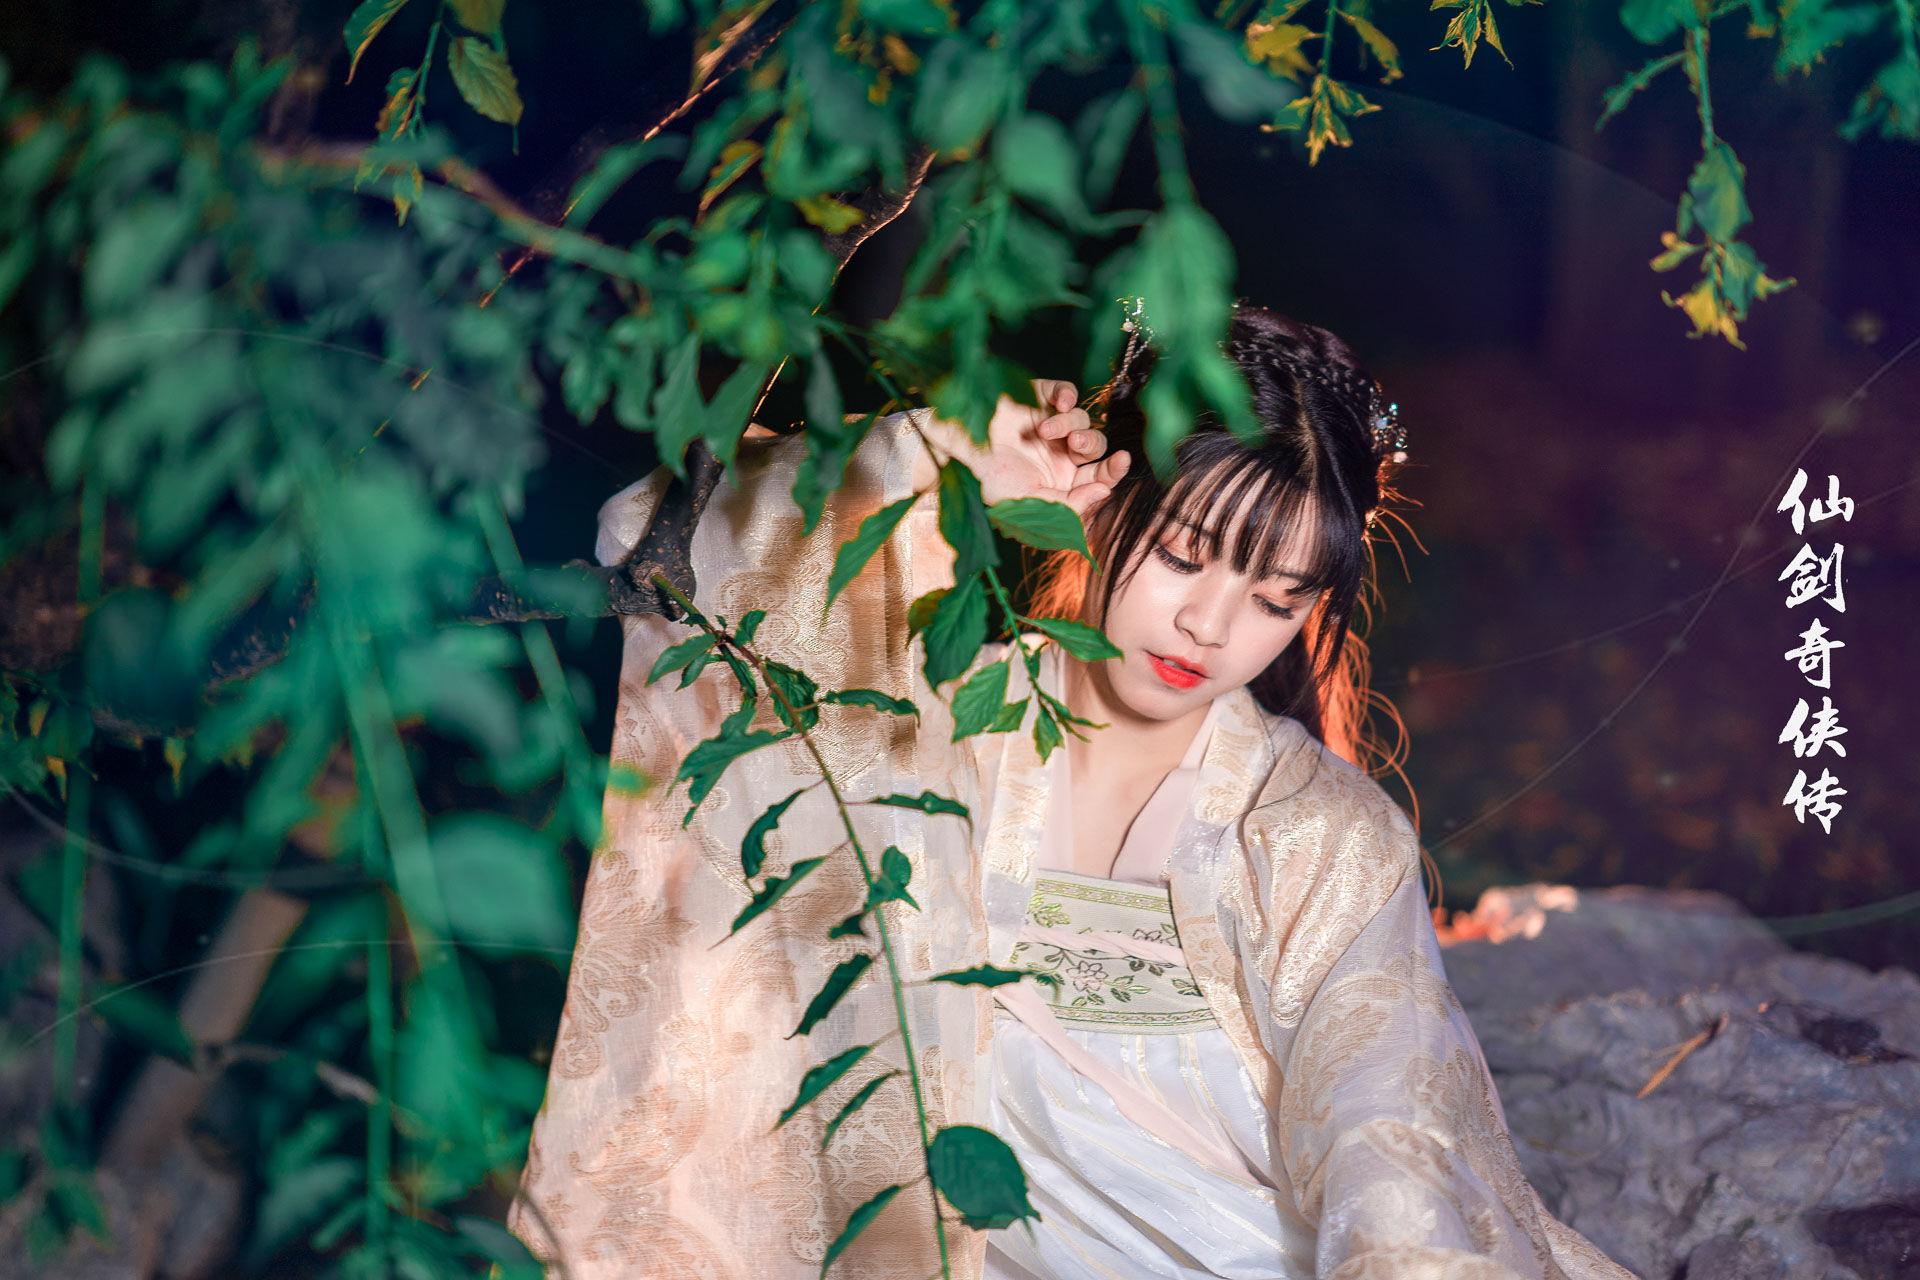 2019-04-23 靜安雕塑公園夜景漢服_攝影師蔣俞歡的返片